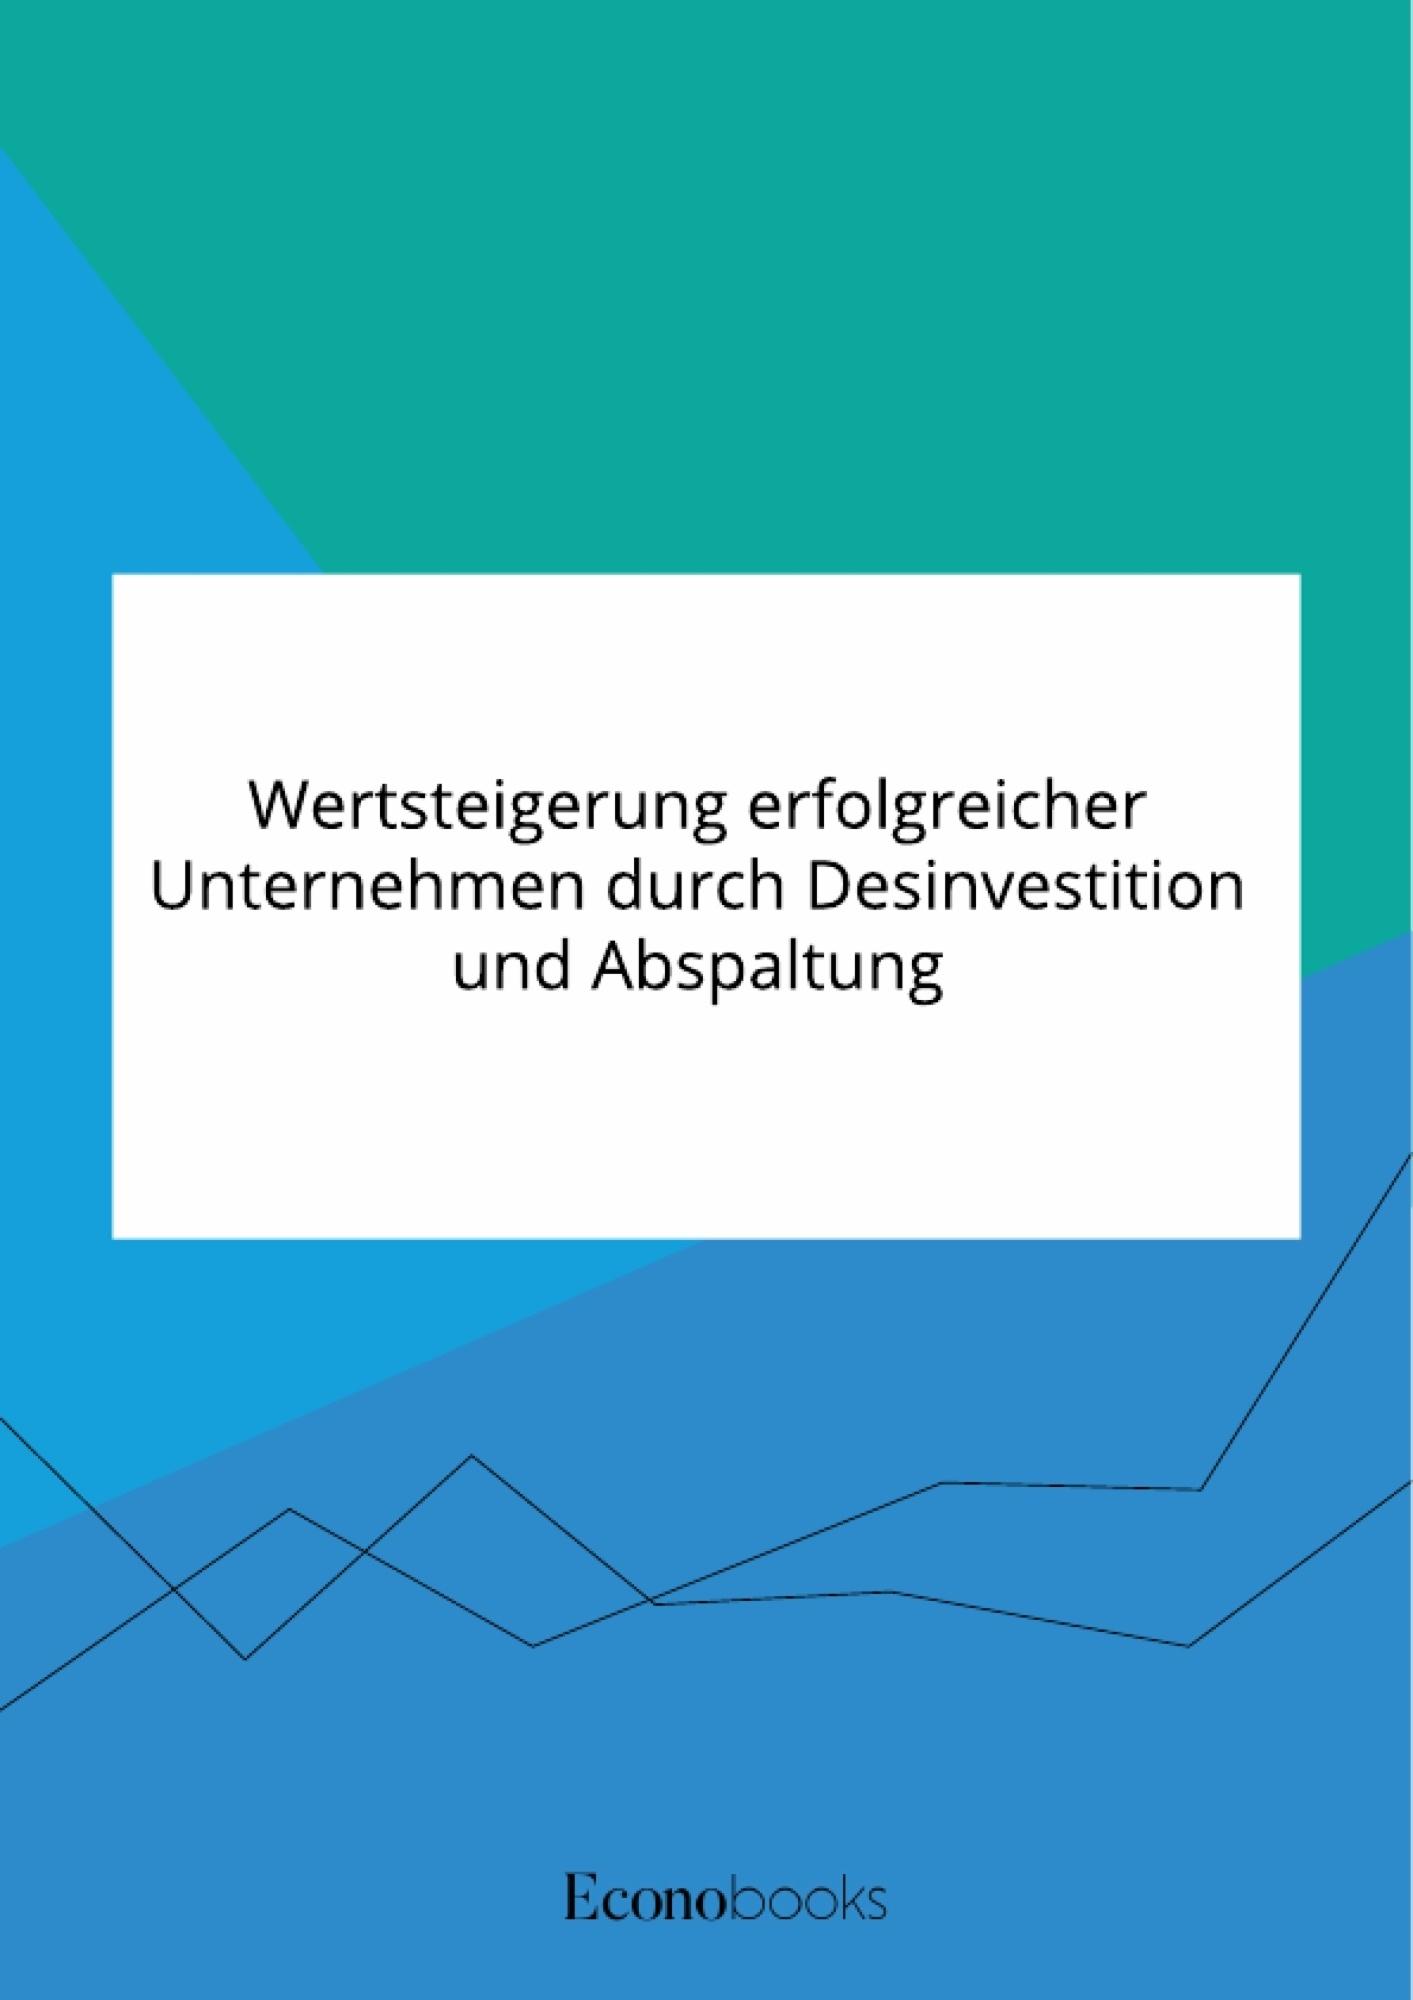 Titel: Wertsteigerung erfolgreicher Unternehmen durch Desinvestition und Abspaltung